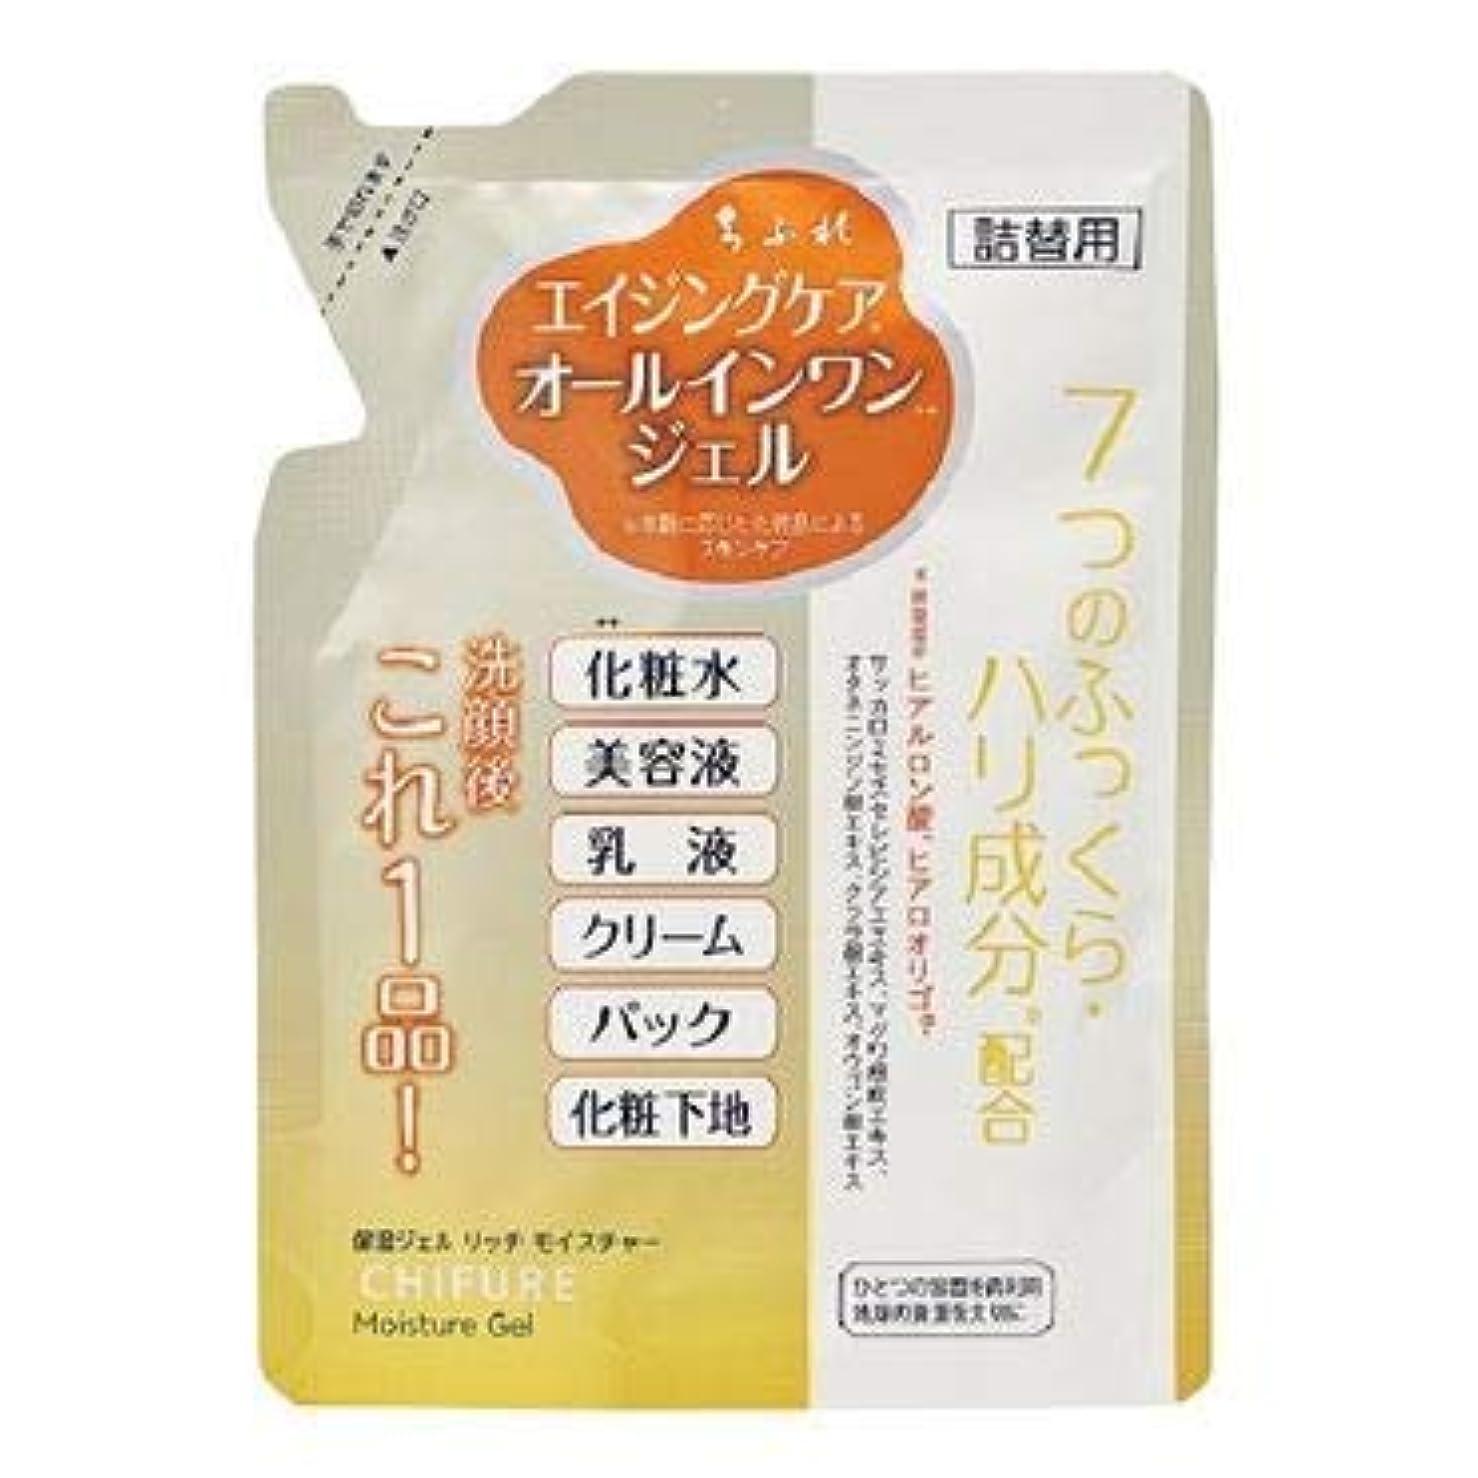 くるみアンプ導体ちふれ化粧品 保湿ジェル リッチモイスチャータイプ 108g (詰替)